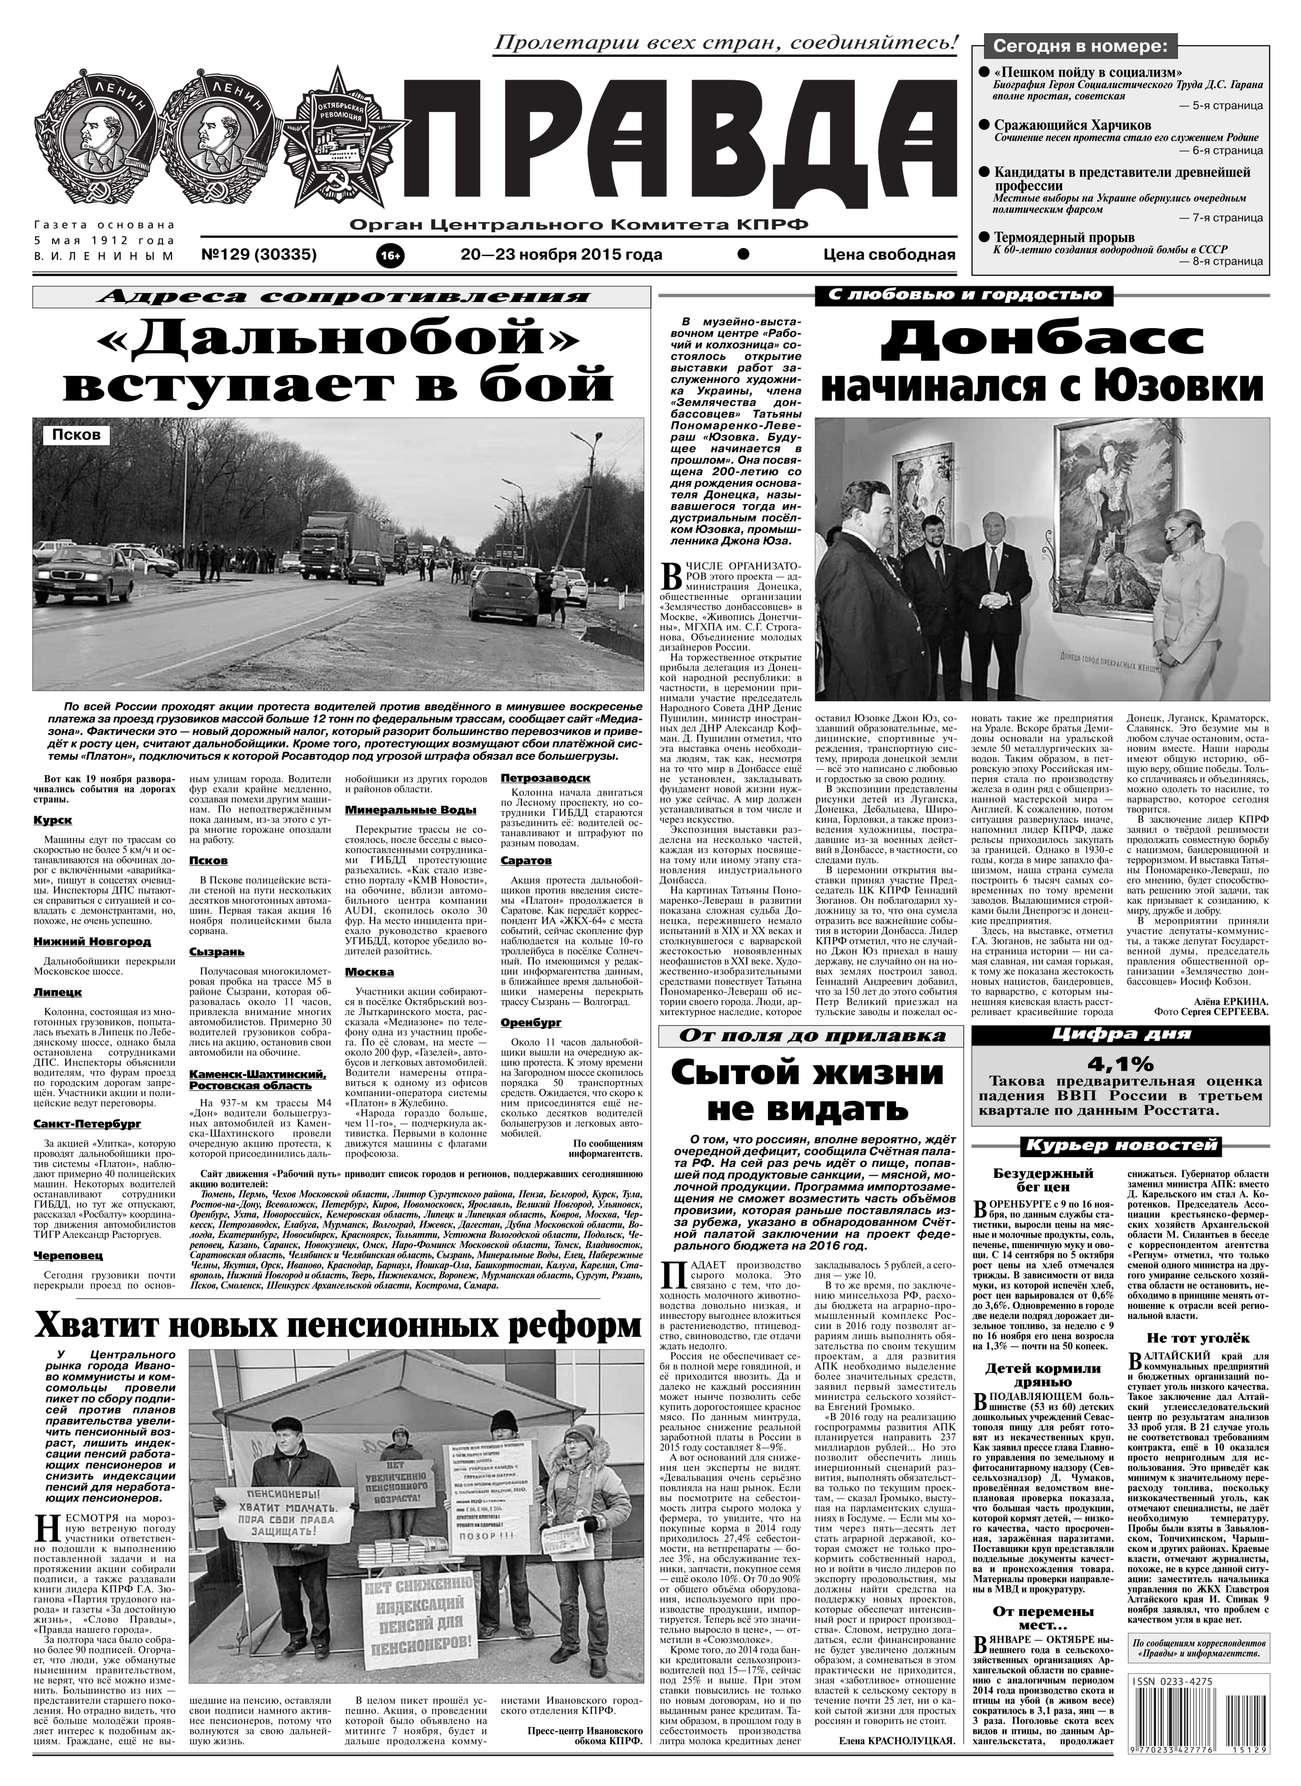 Редакция газеты Правда Правда 129-2015